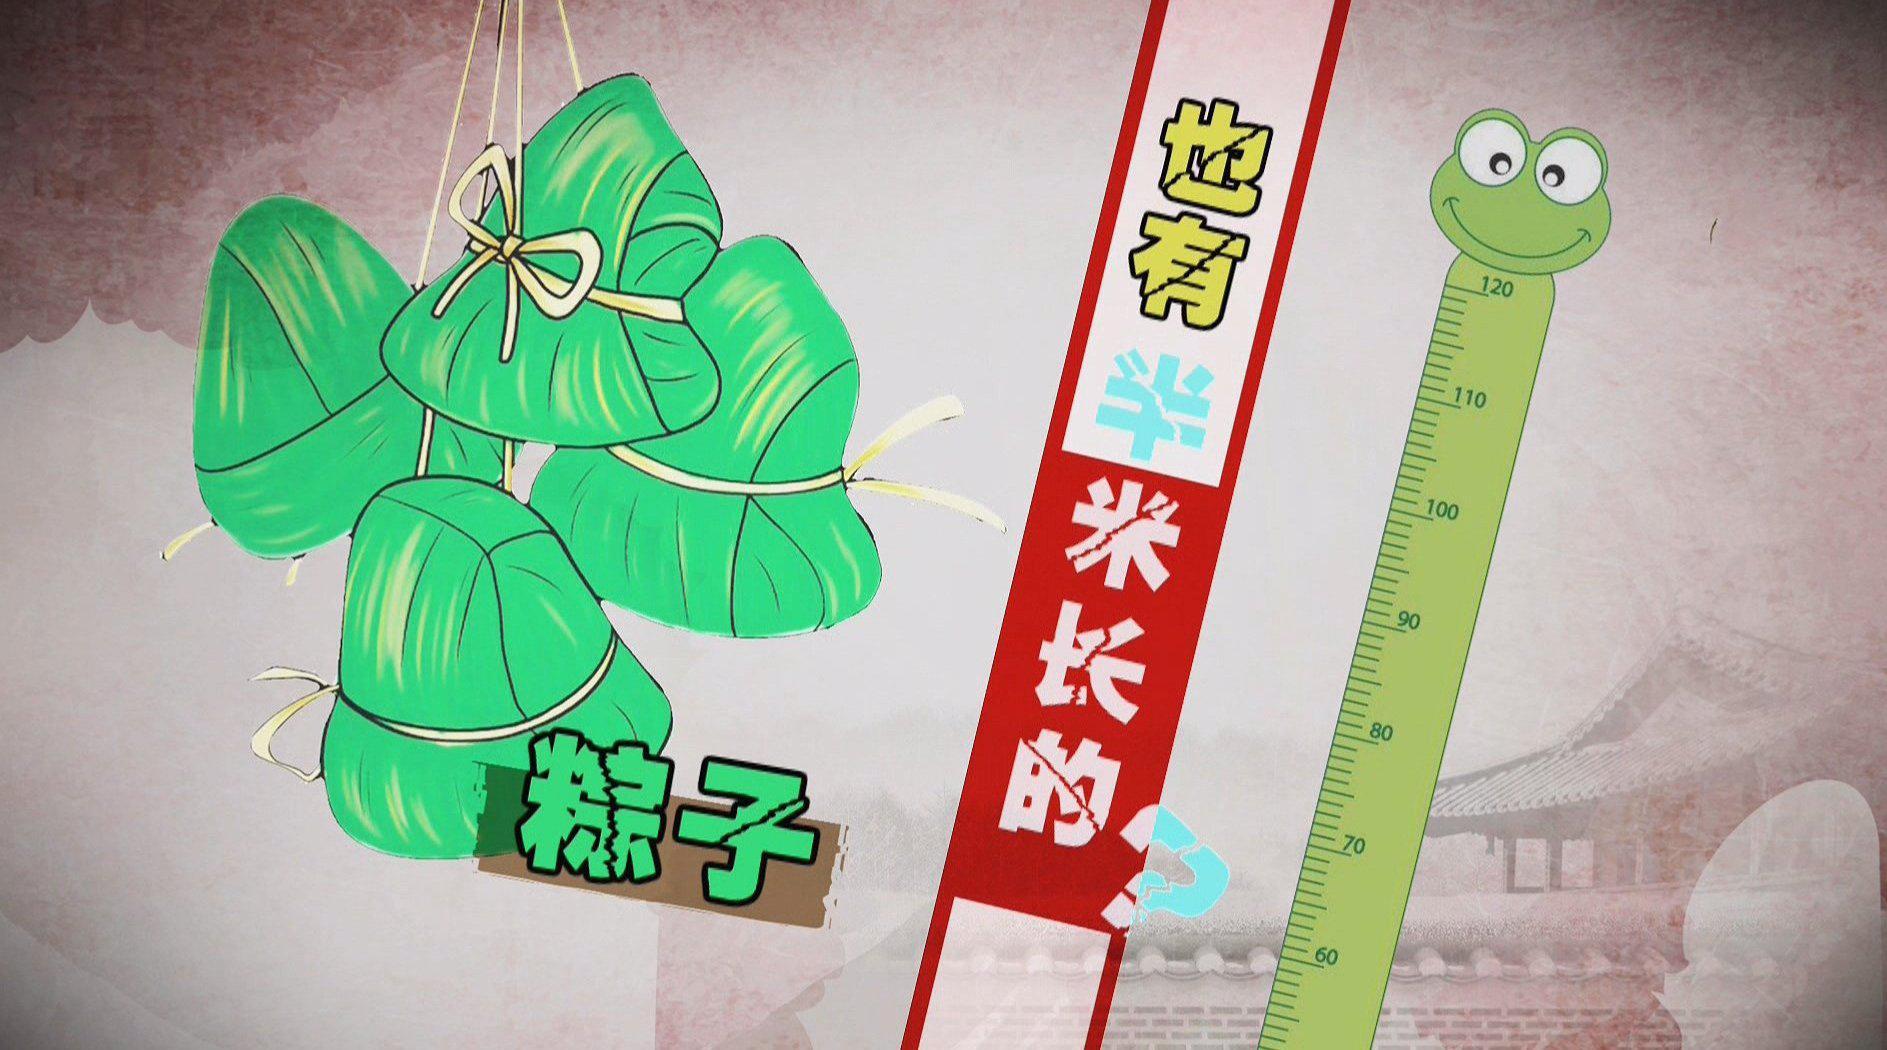 粽子也有半米长的,是真的吗?